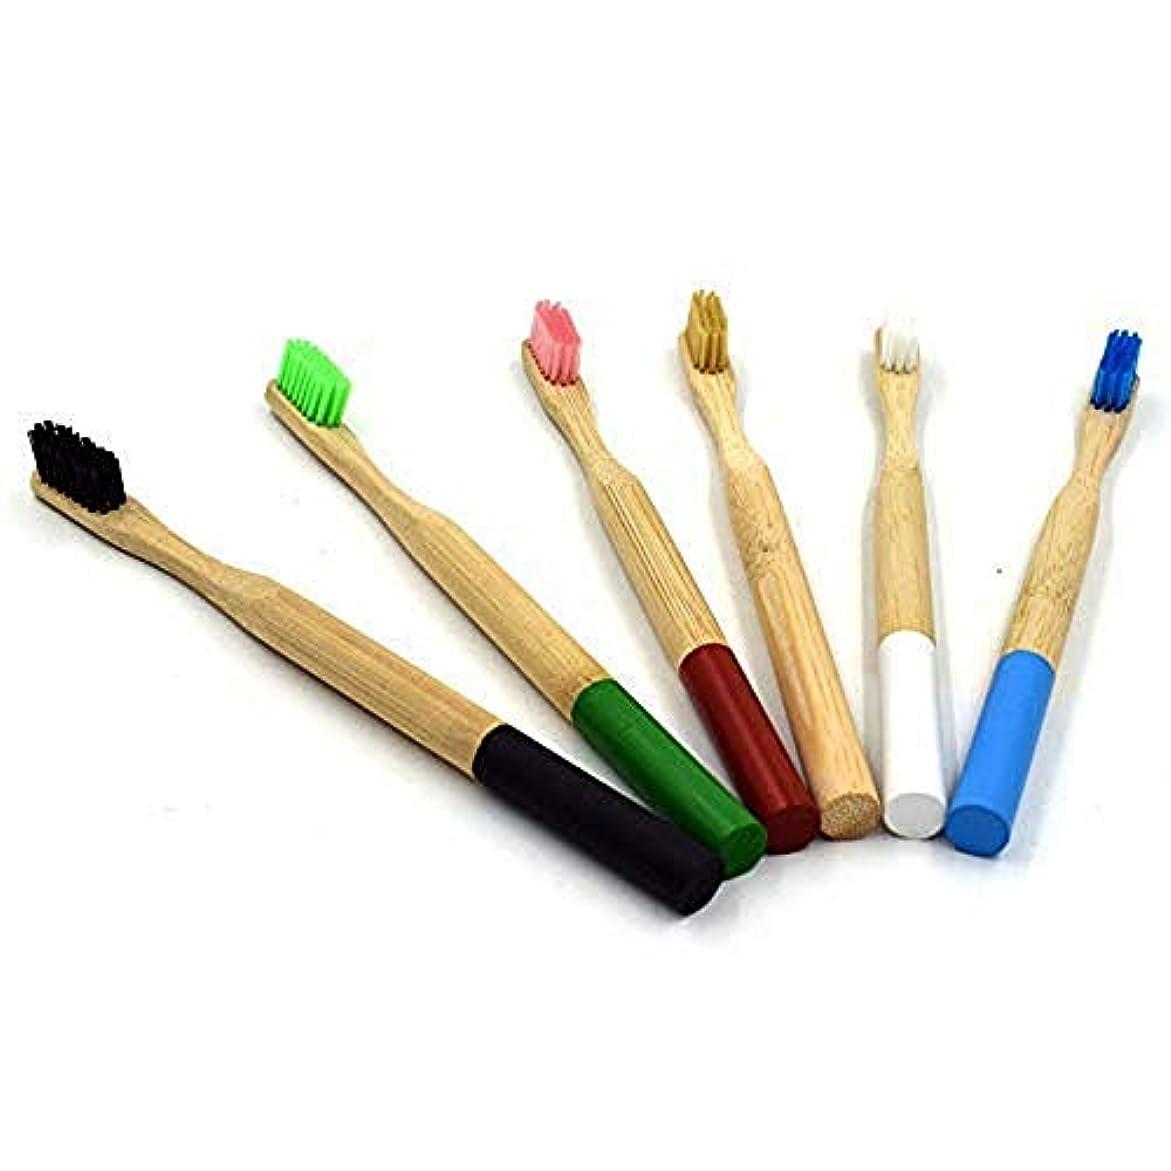 魅力シンプルさ不確実TAOVK 6pcs 柔らかい毛の木製の歯のブラシ竹のハンドルの歯科口腔ケアの歯ブラシ